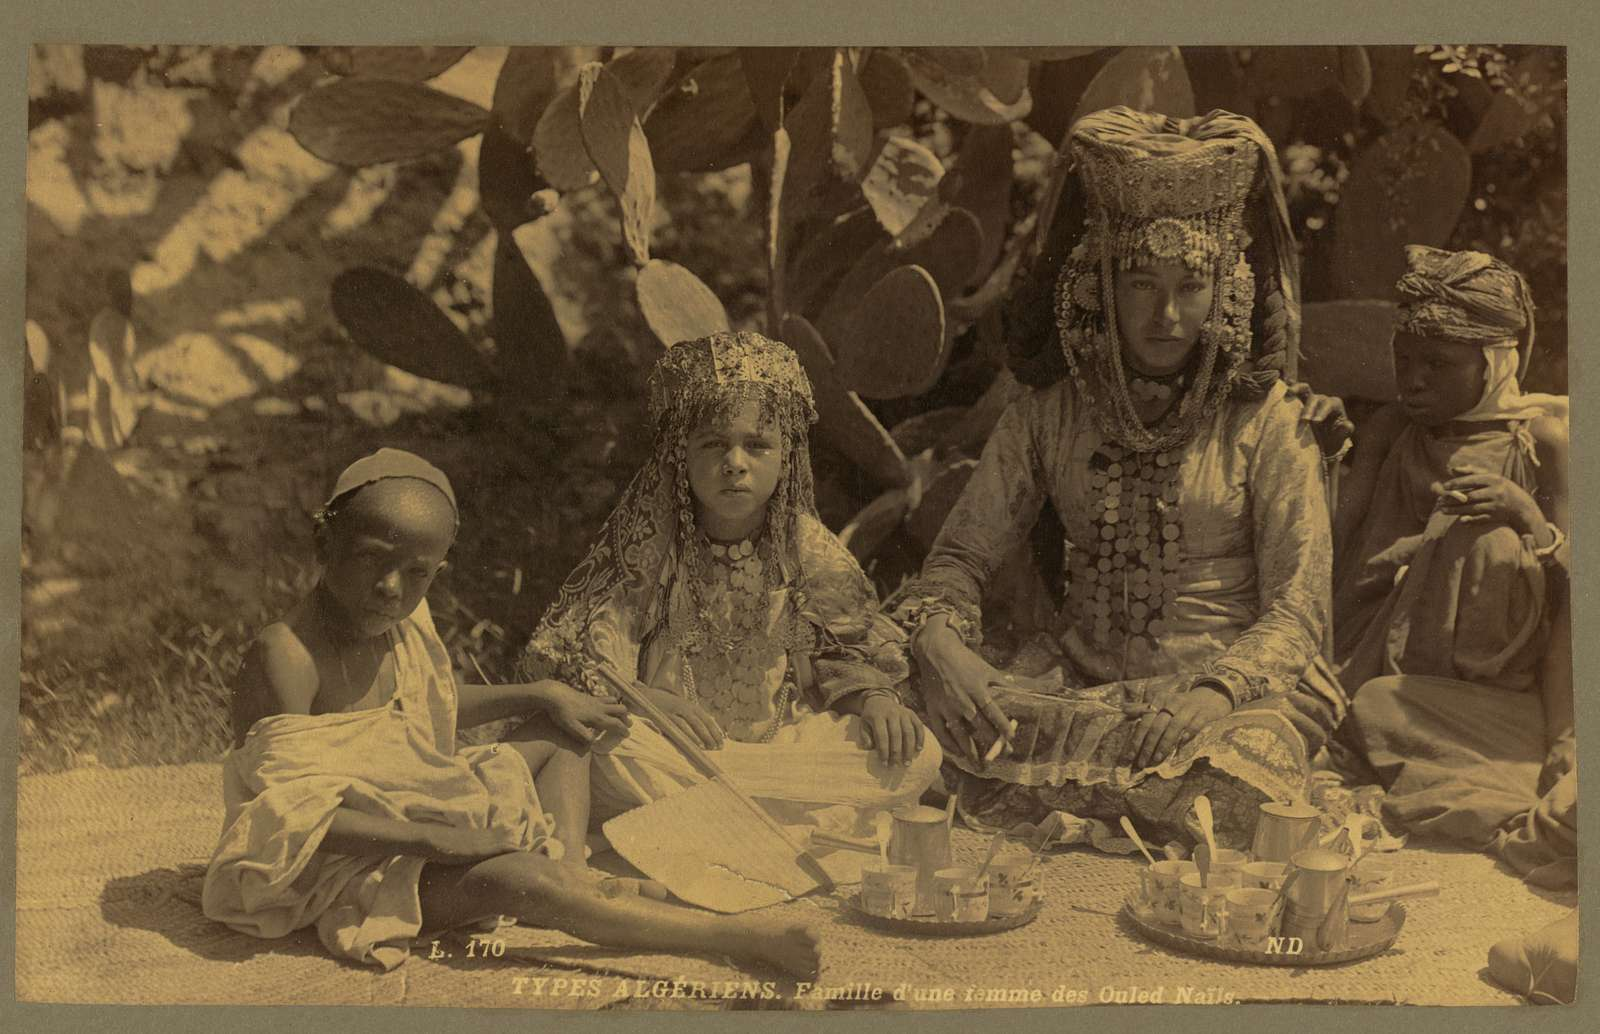 Types Algériens. Famille d'une femme des Ouled Naı̈ls / ND.